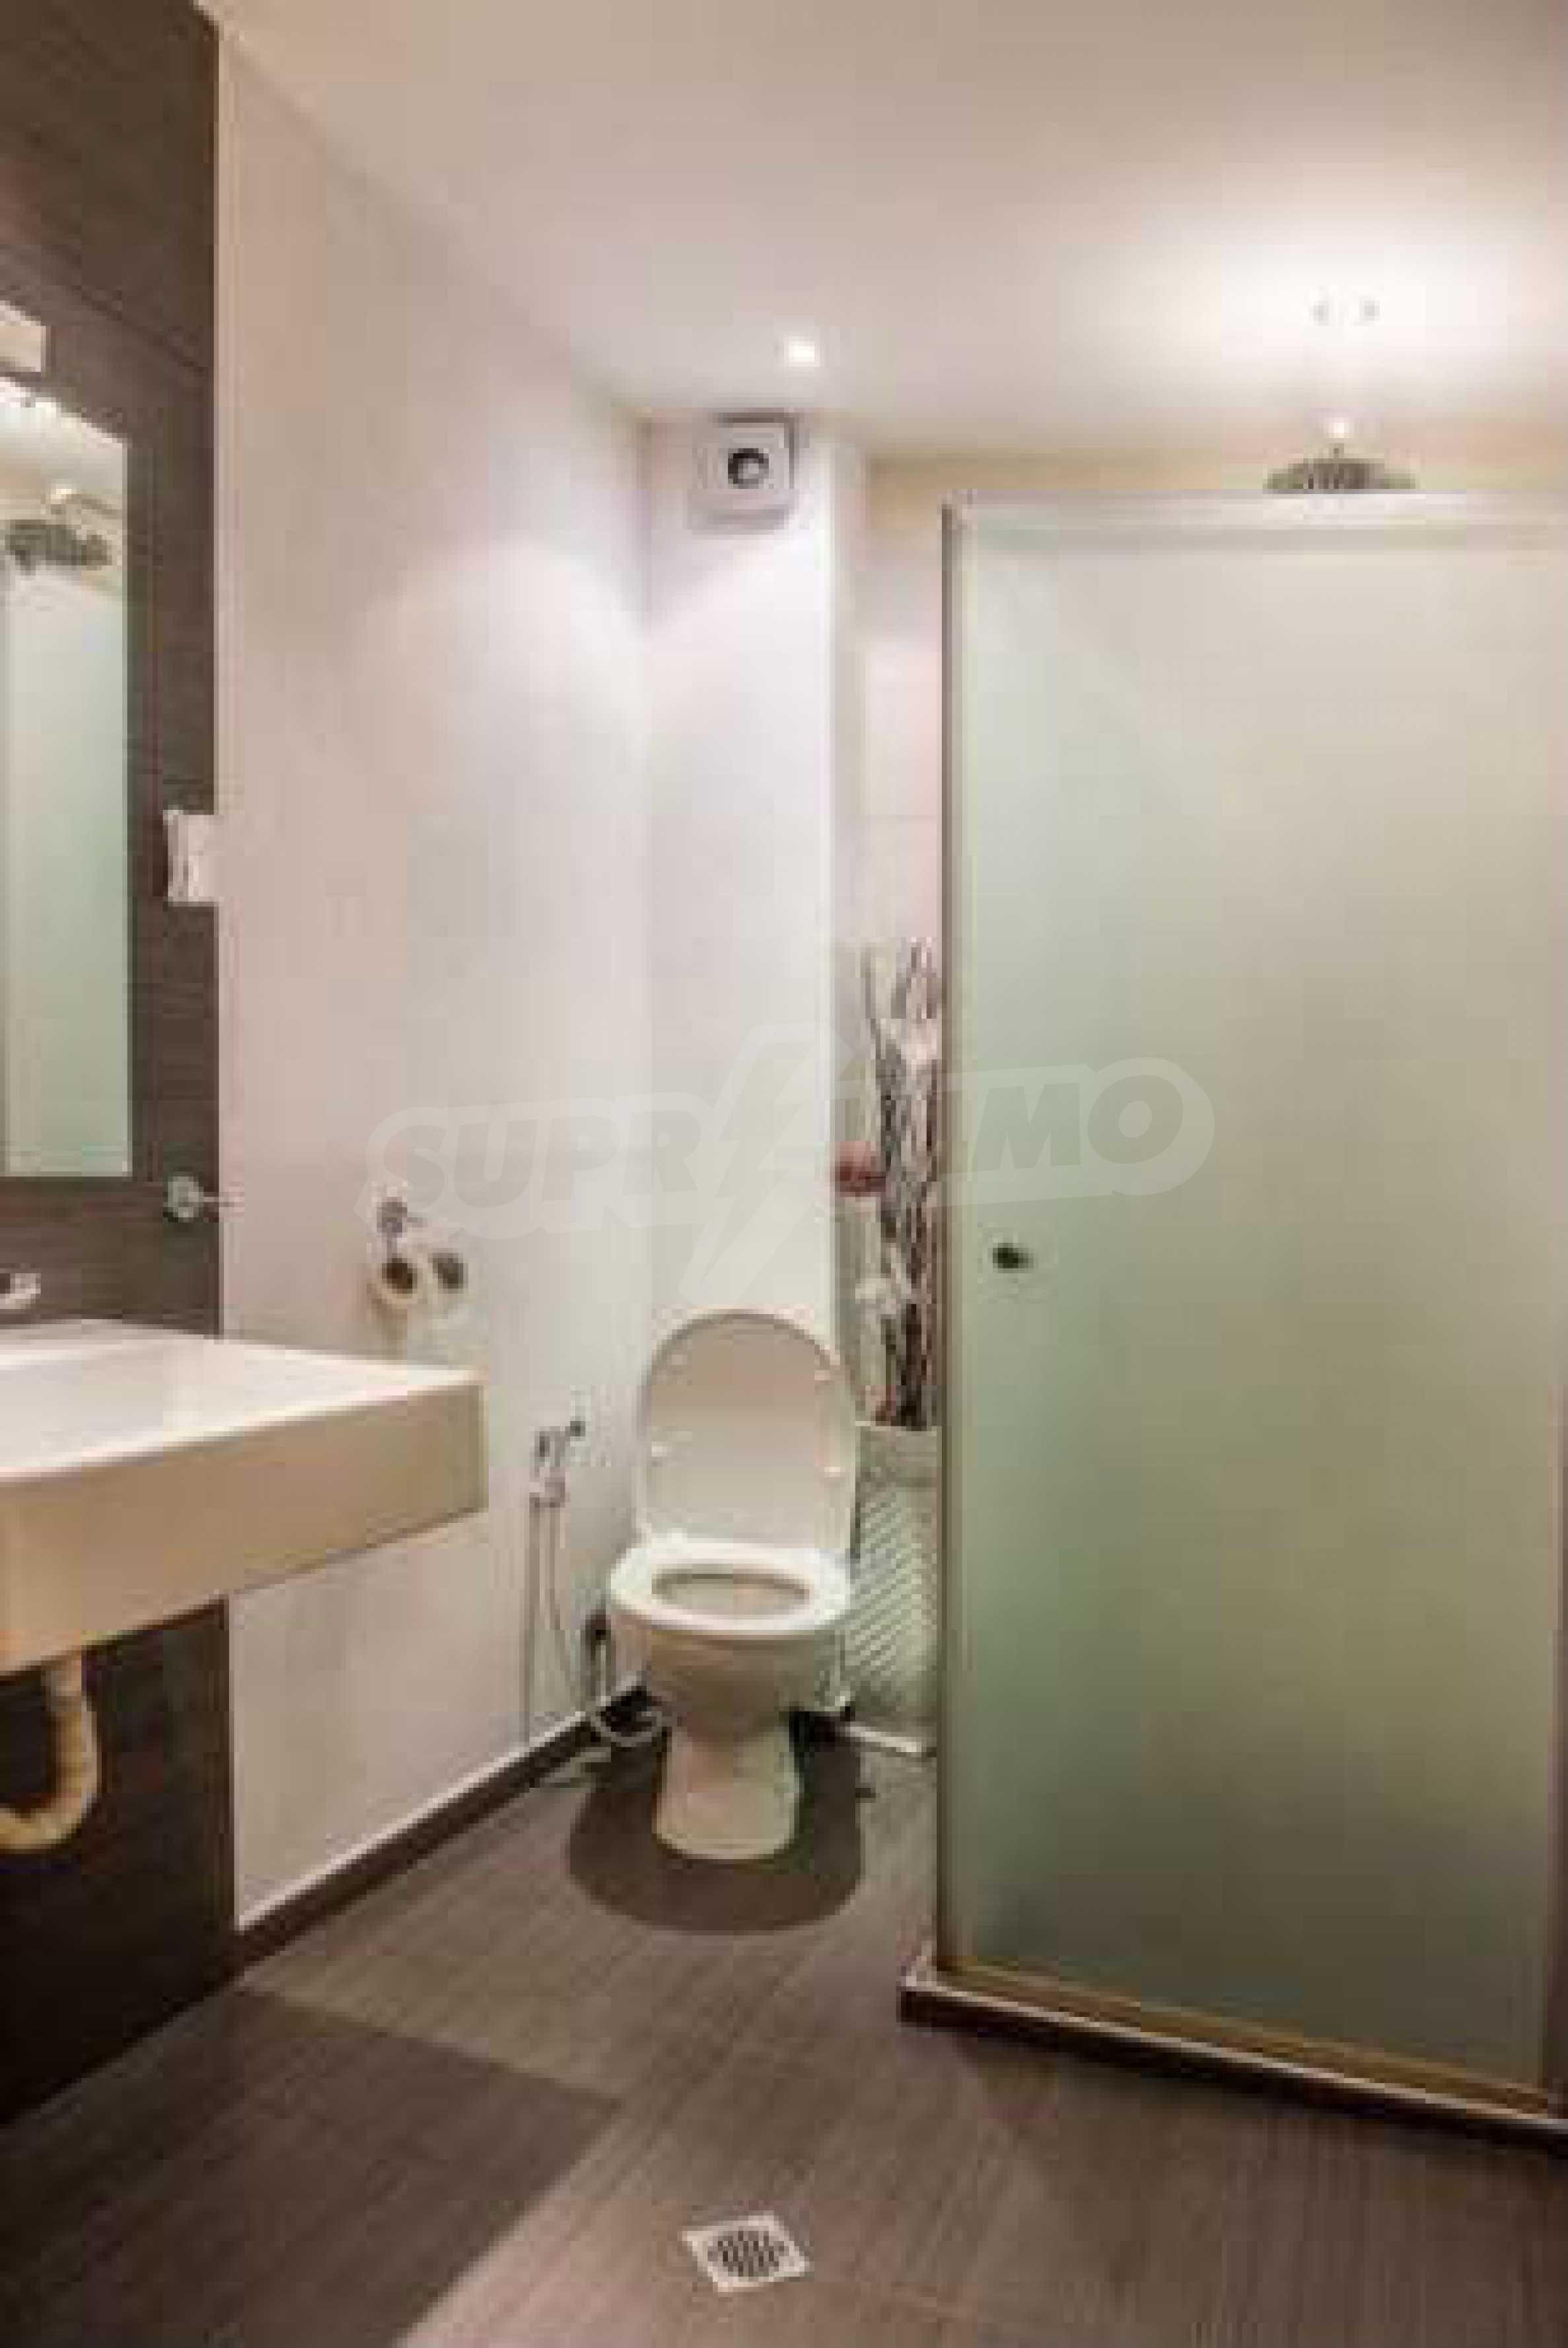 Новопостроен тристаен апартамент в кв. на град В. Търново  8